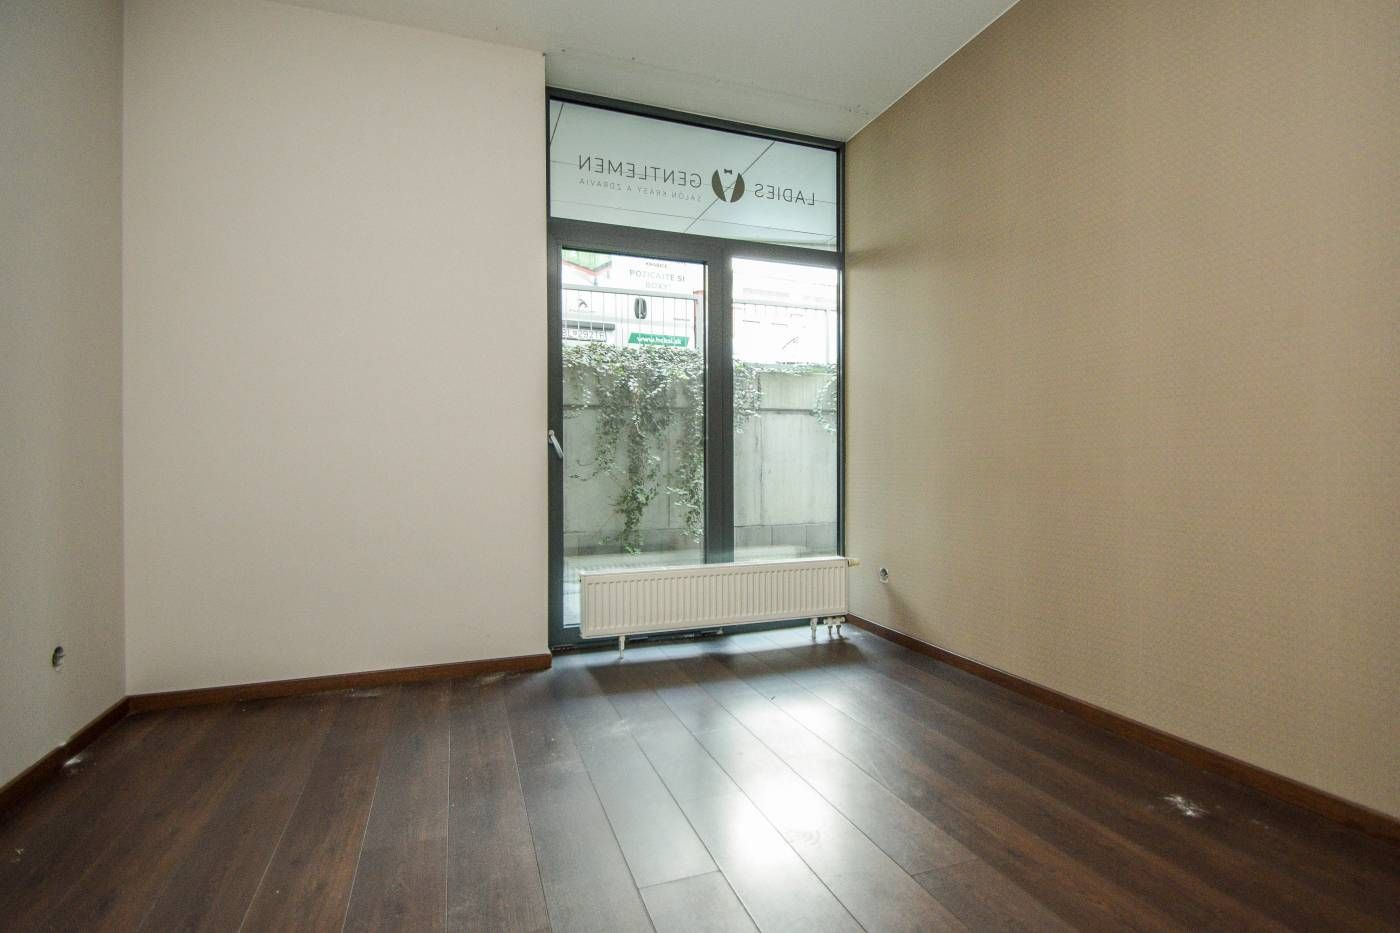 Недвижимость в литве недорого с указанием цены недвижимость в словении купить небольшой коттедж